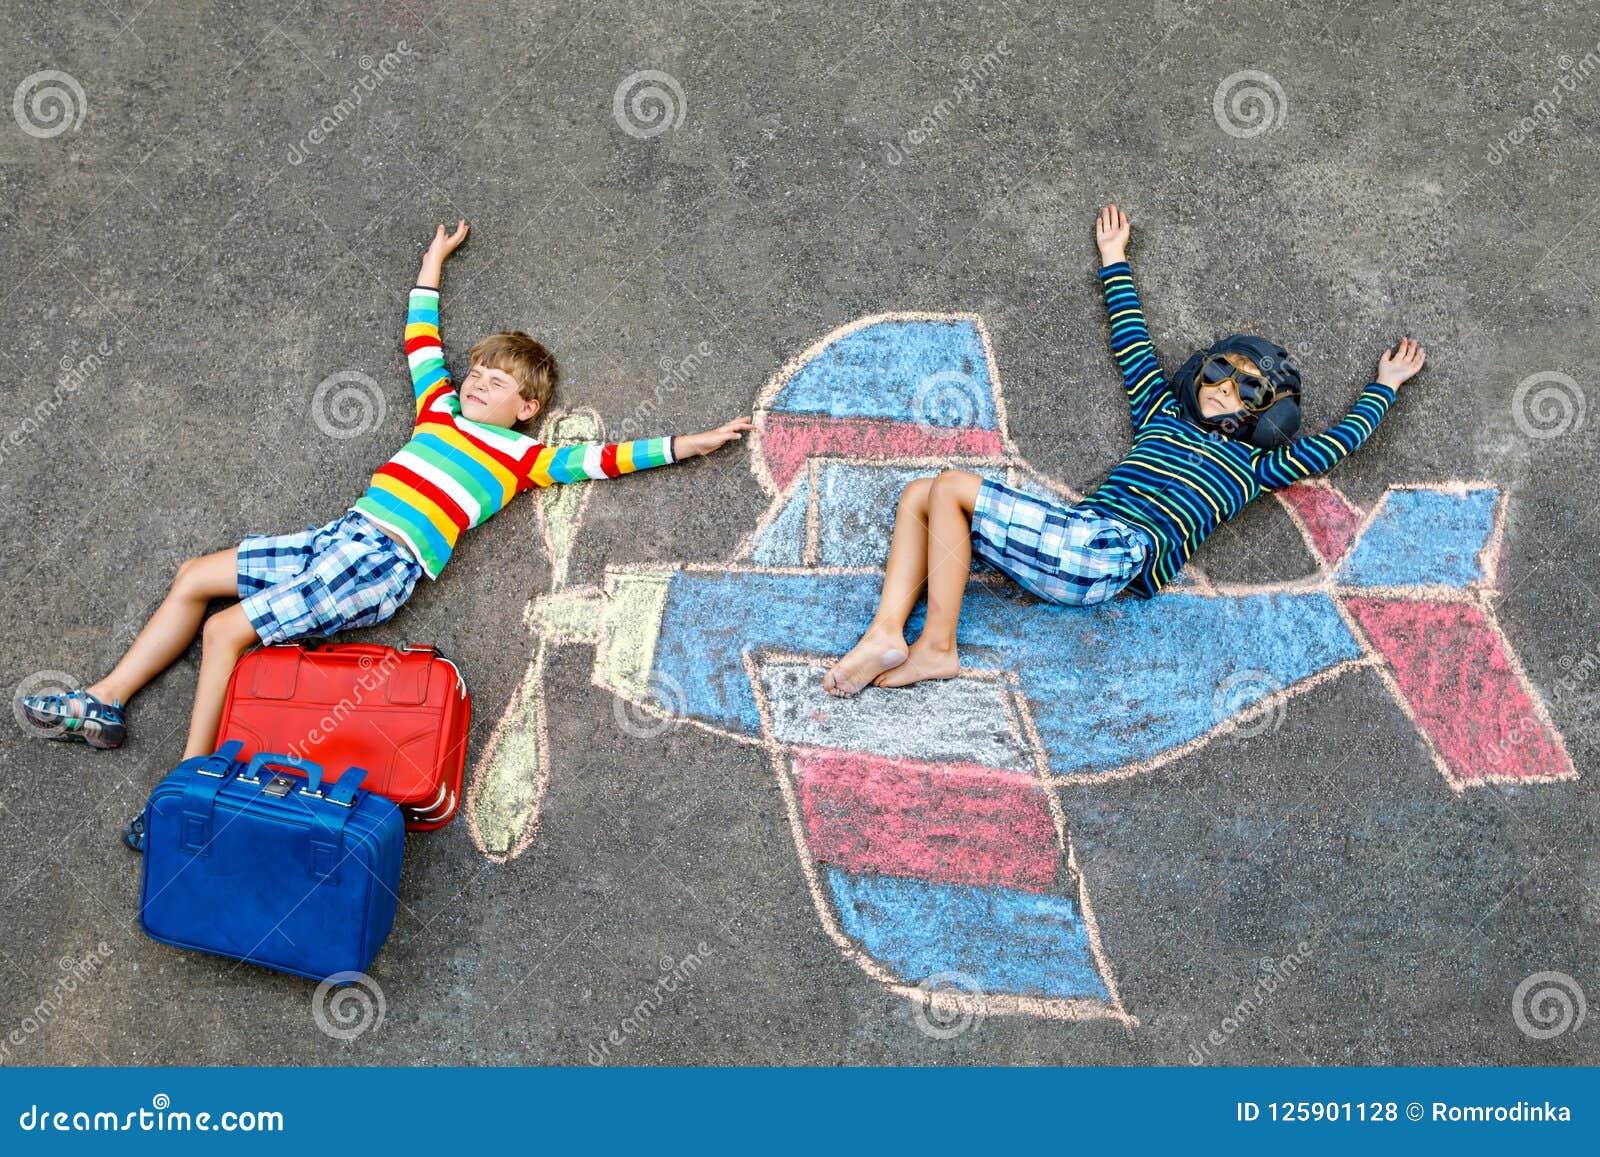 Dwa małego dziecka, dzieciak chłopiec ma zabawę z z samolotowym obrazka rysunkiem z kolorowym piszą kredą na asfalcie przyjaciele